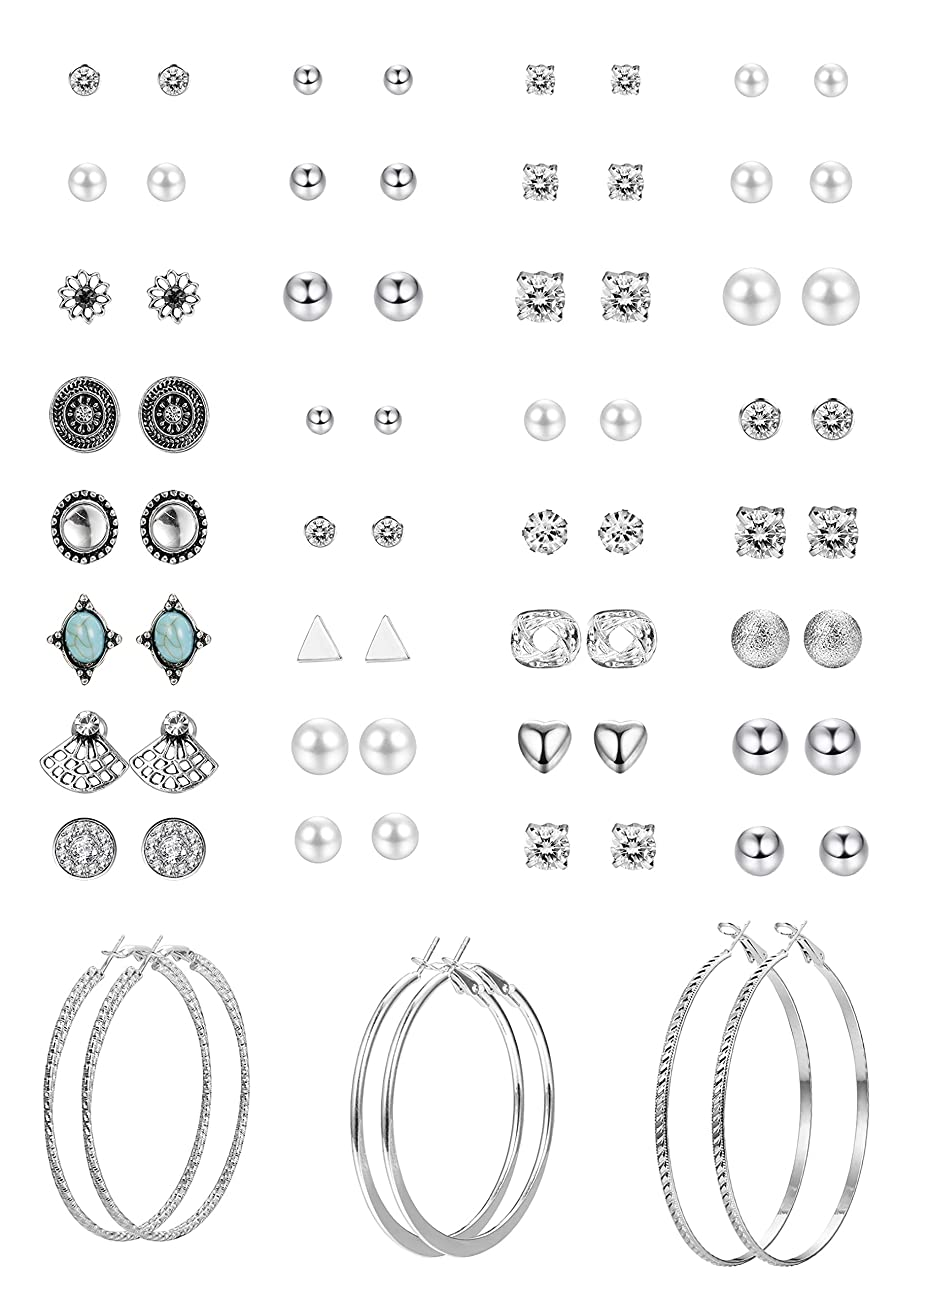 Hanpabum 33 Pairs Assorted Multiple Stud Hoop Earrings Set Women Girls Vintage Geometric?Fake Pearl Round Ball?CZ Earrings Pack